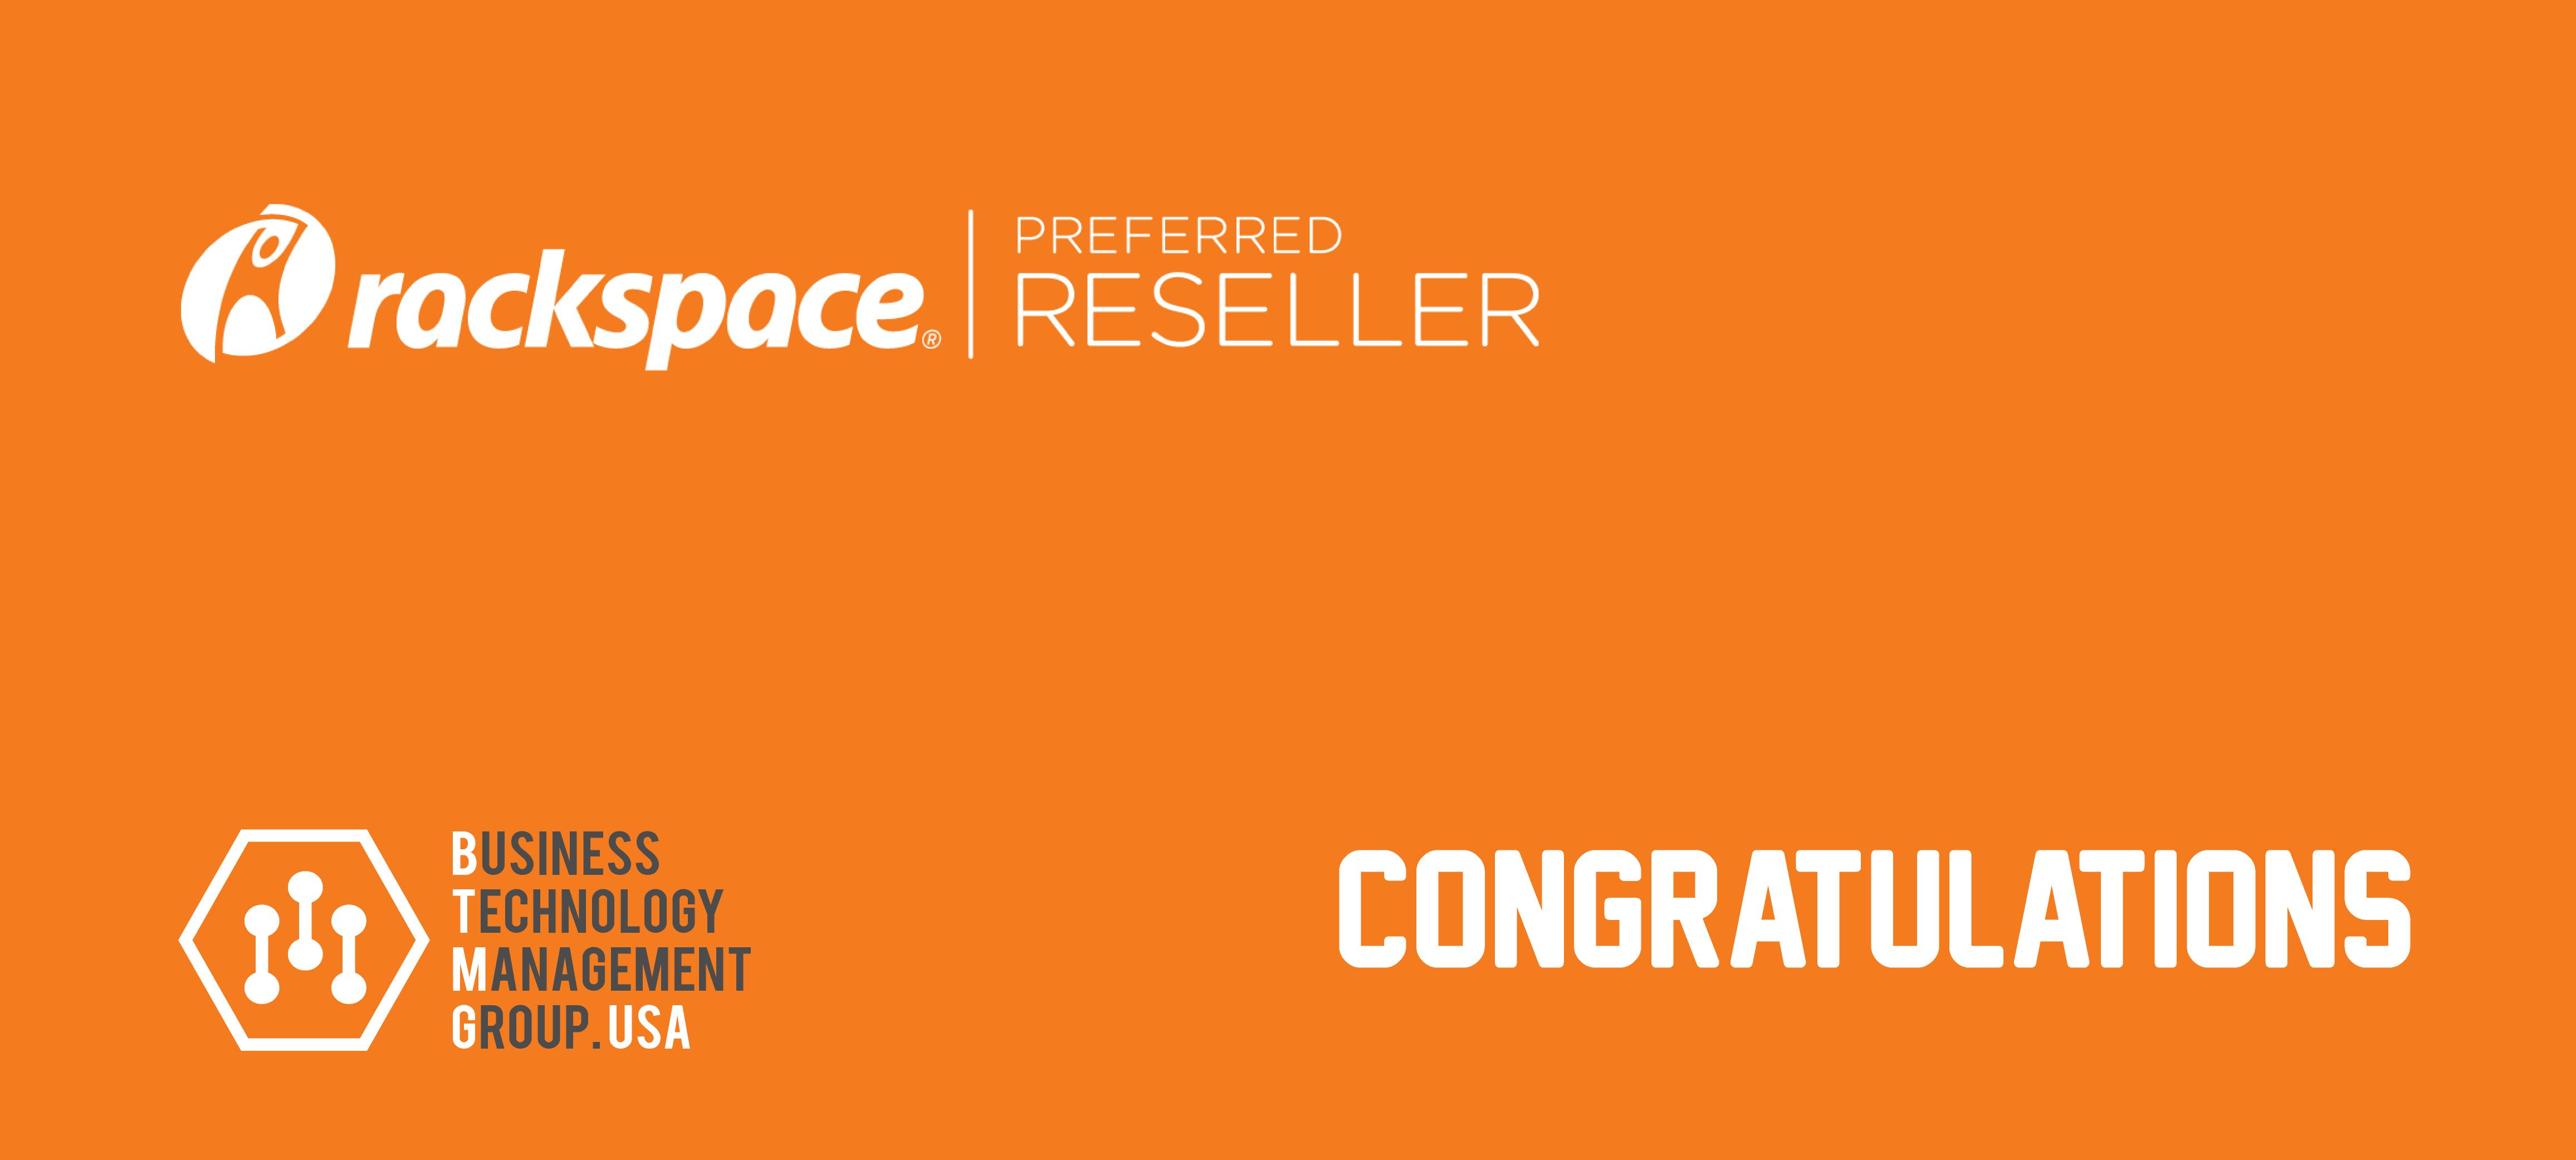 rackspace-news-1110x550-partners-banner-01